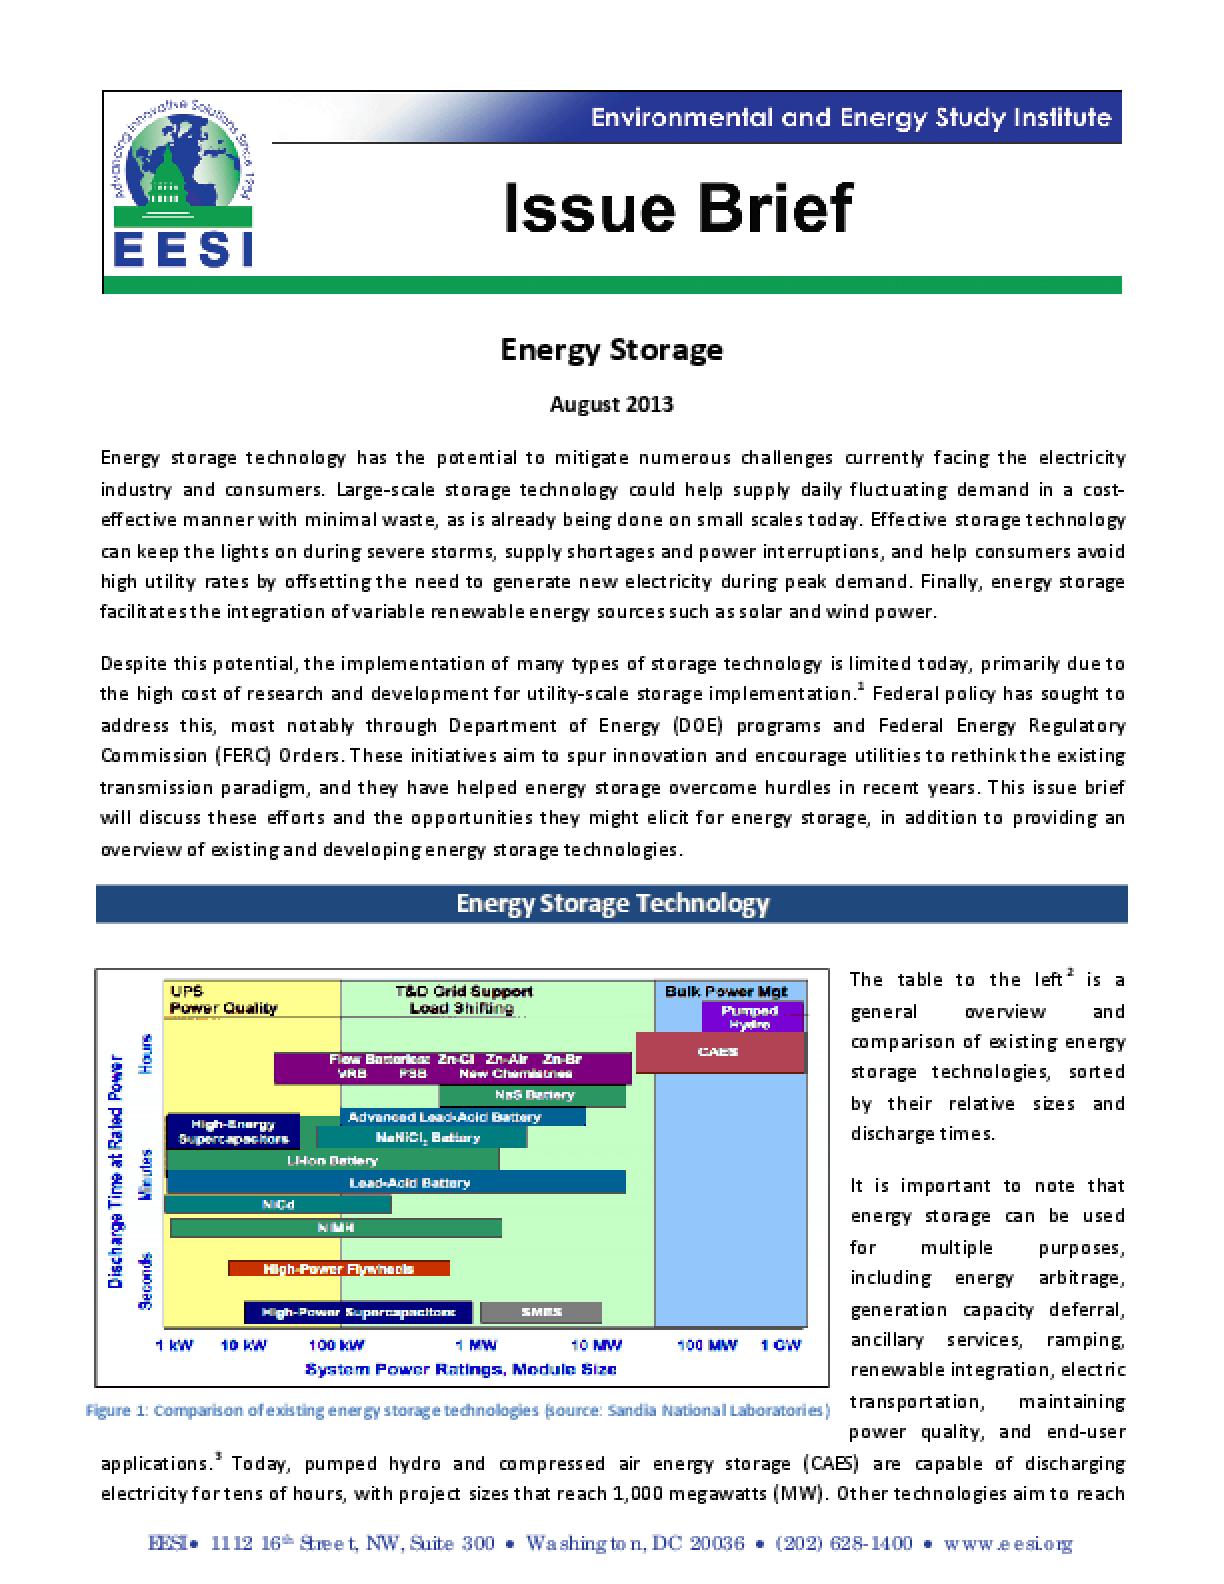 Issue Brief: Energy Storage